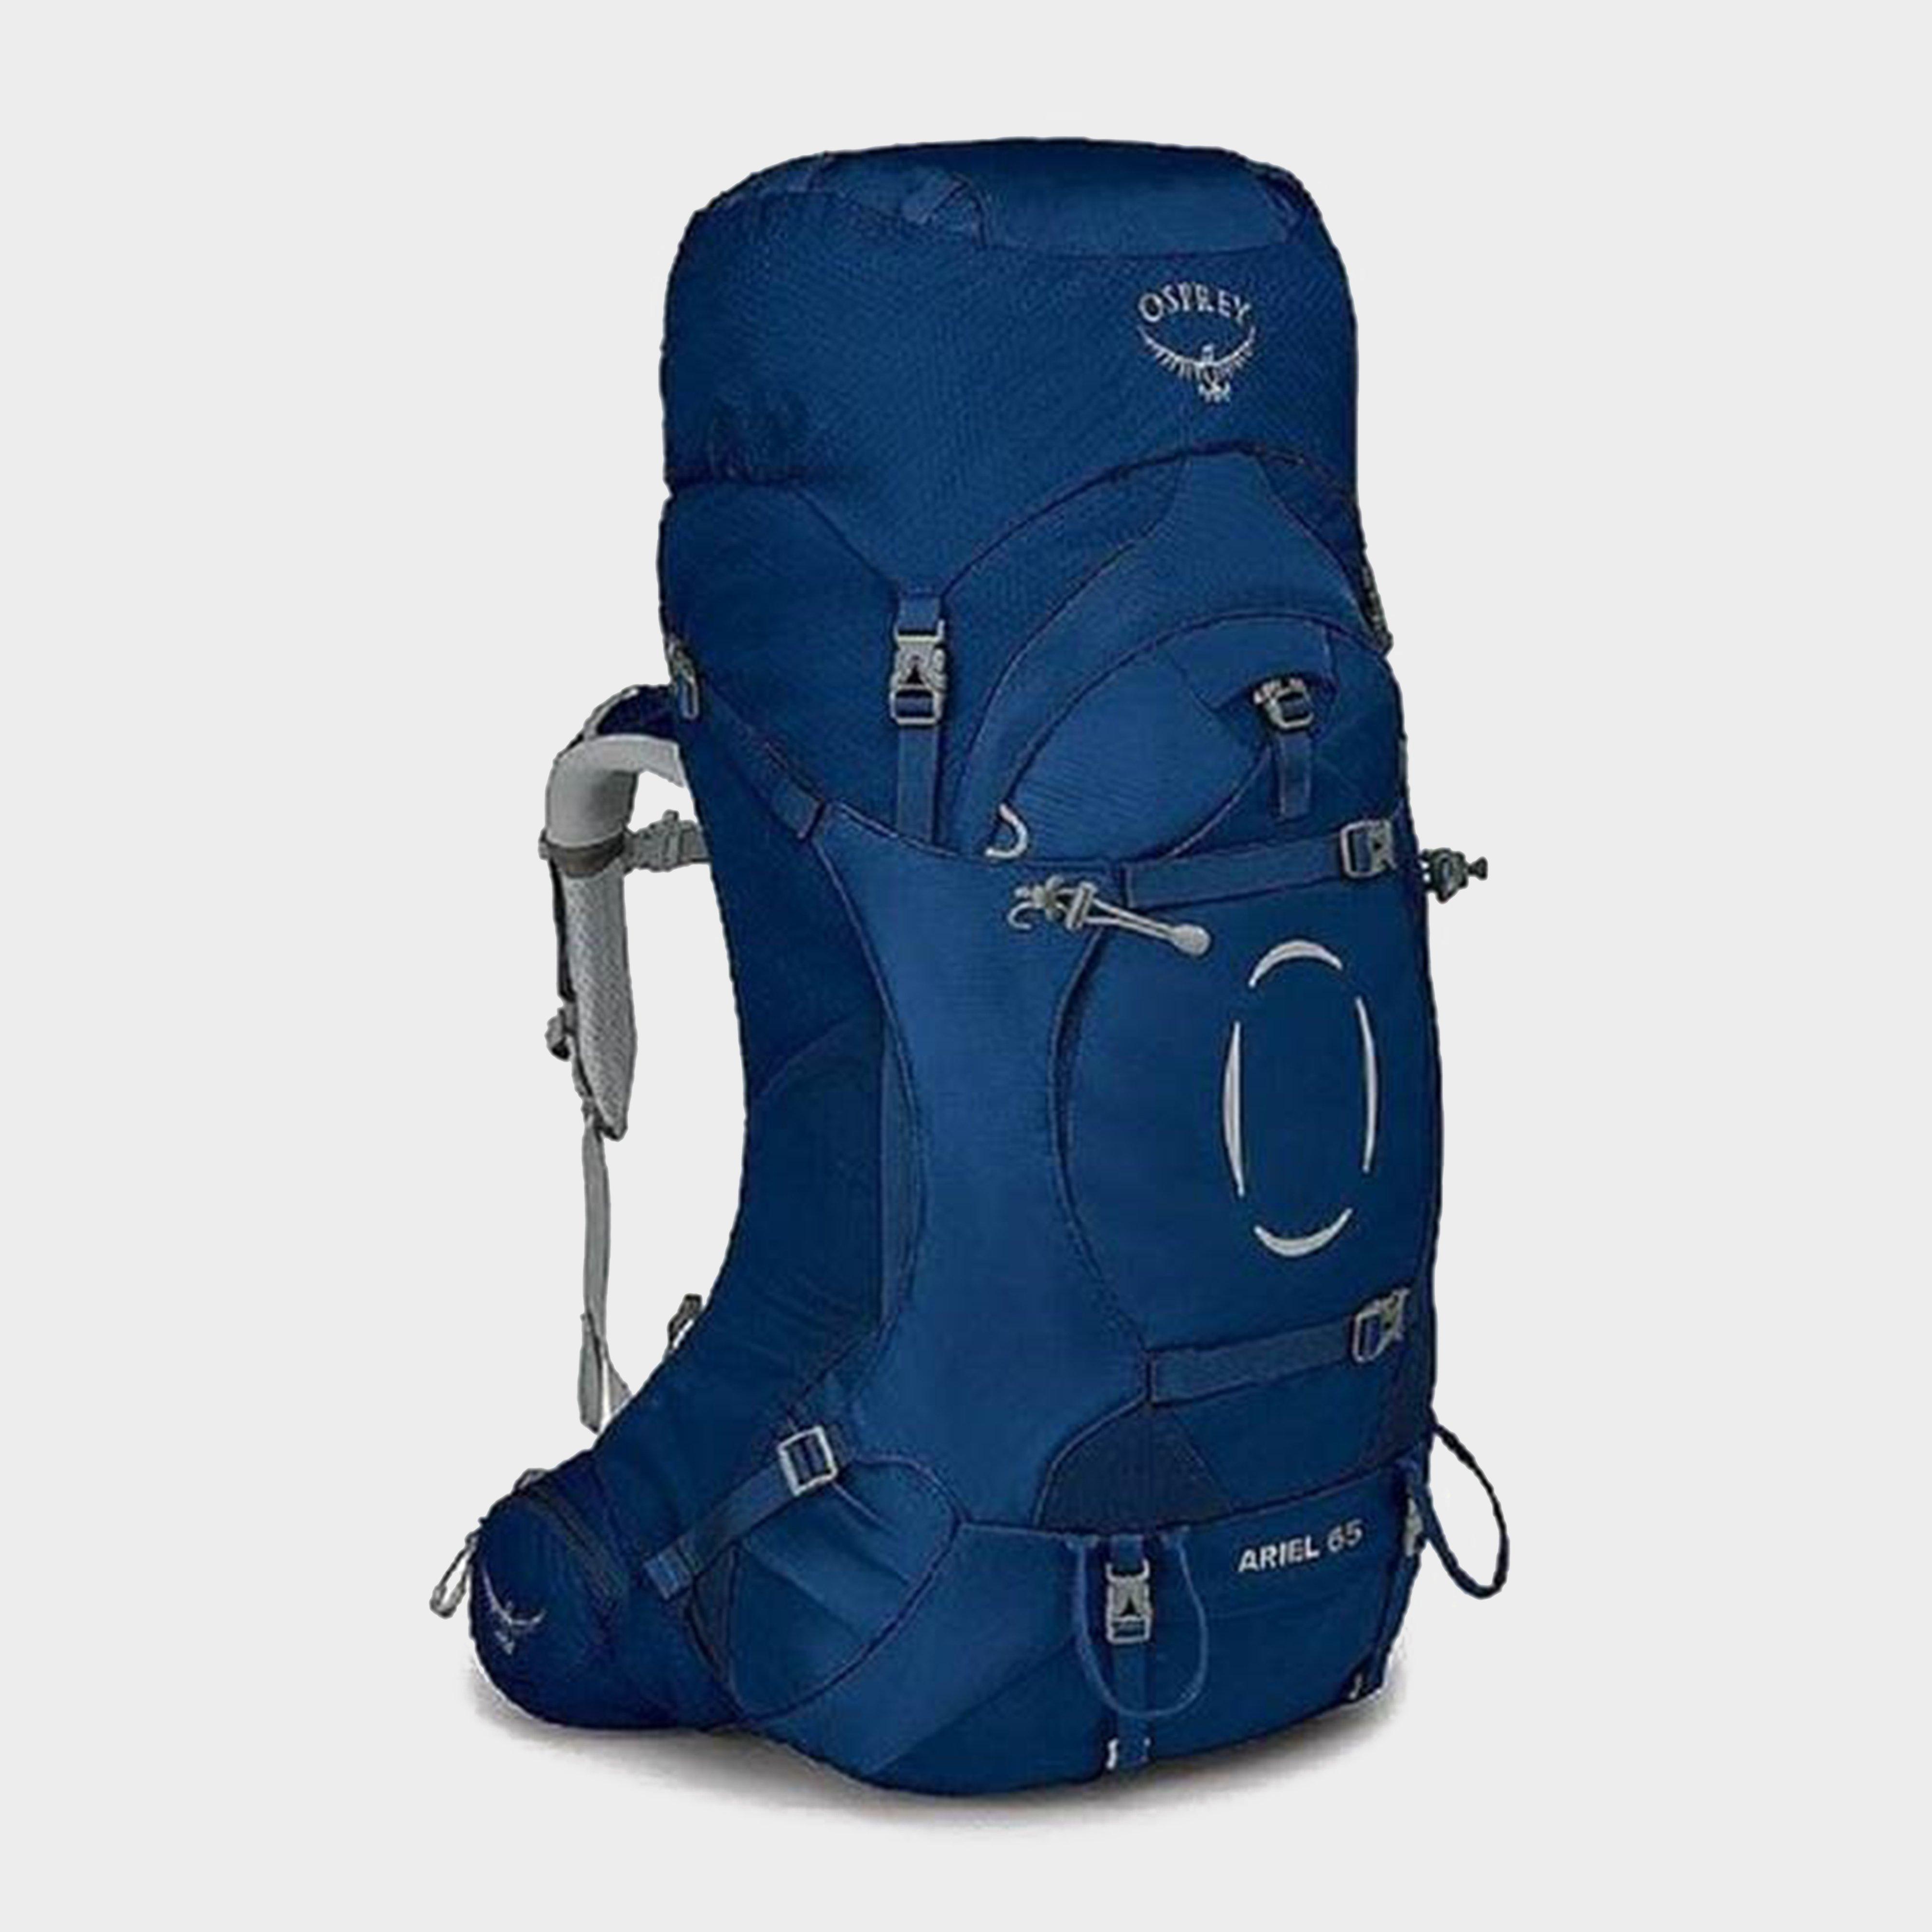 Osprey Ariel 65 Litre Rucksack - Blue/Blue, Blue